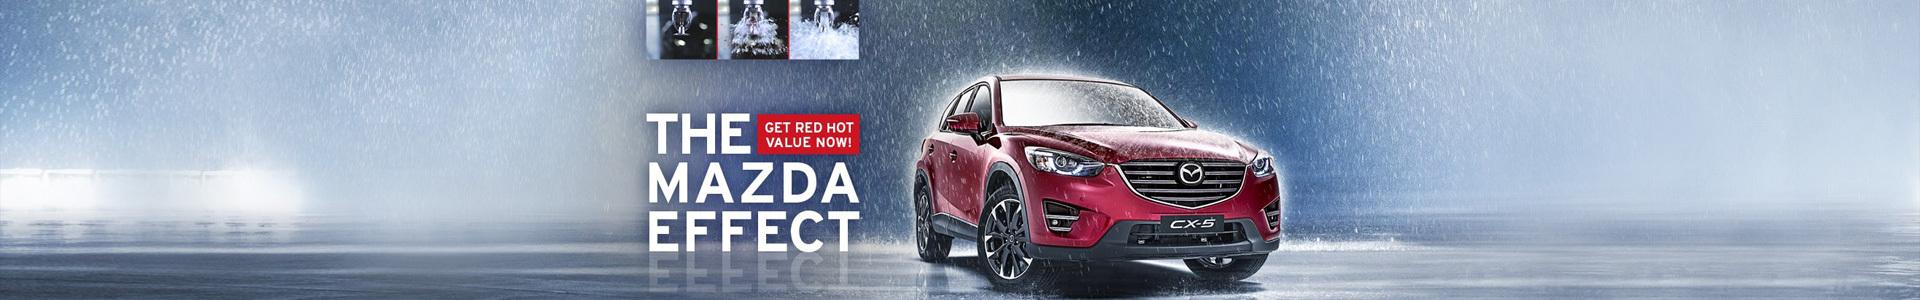 Mazda - The Mazda Effect